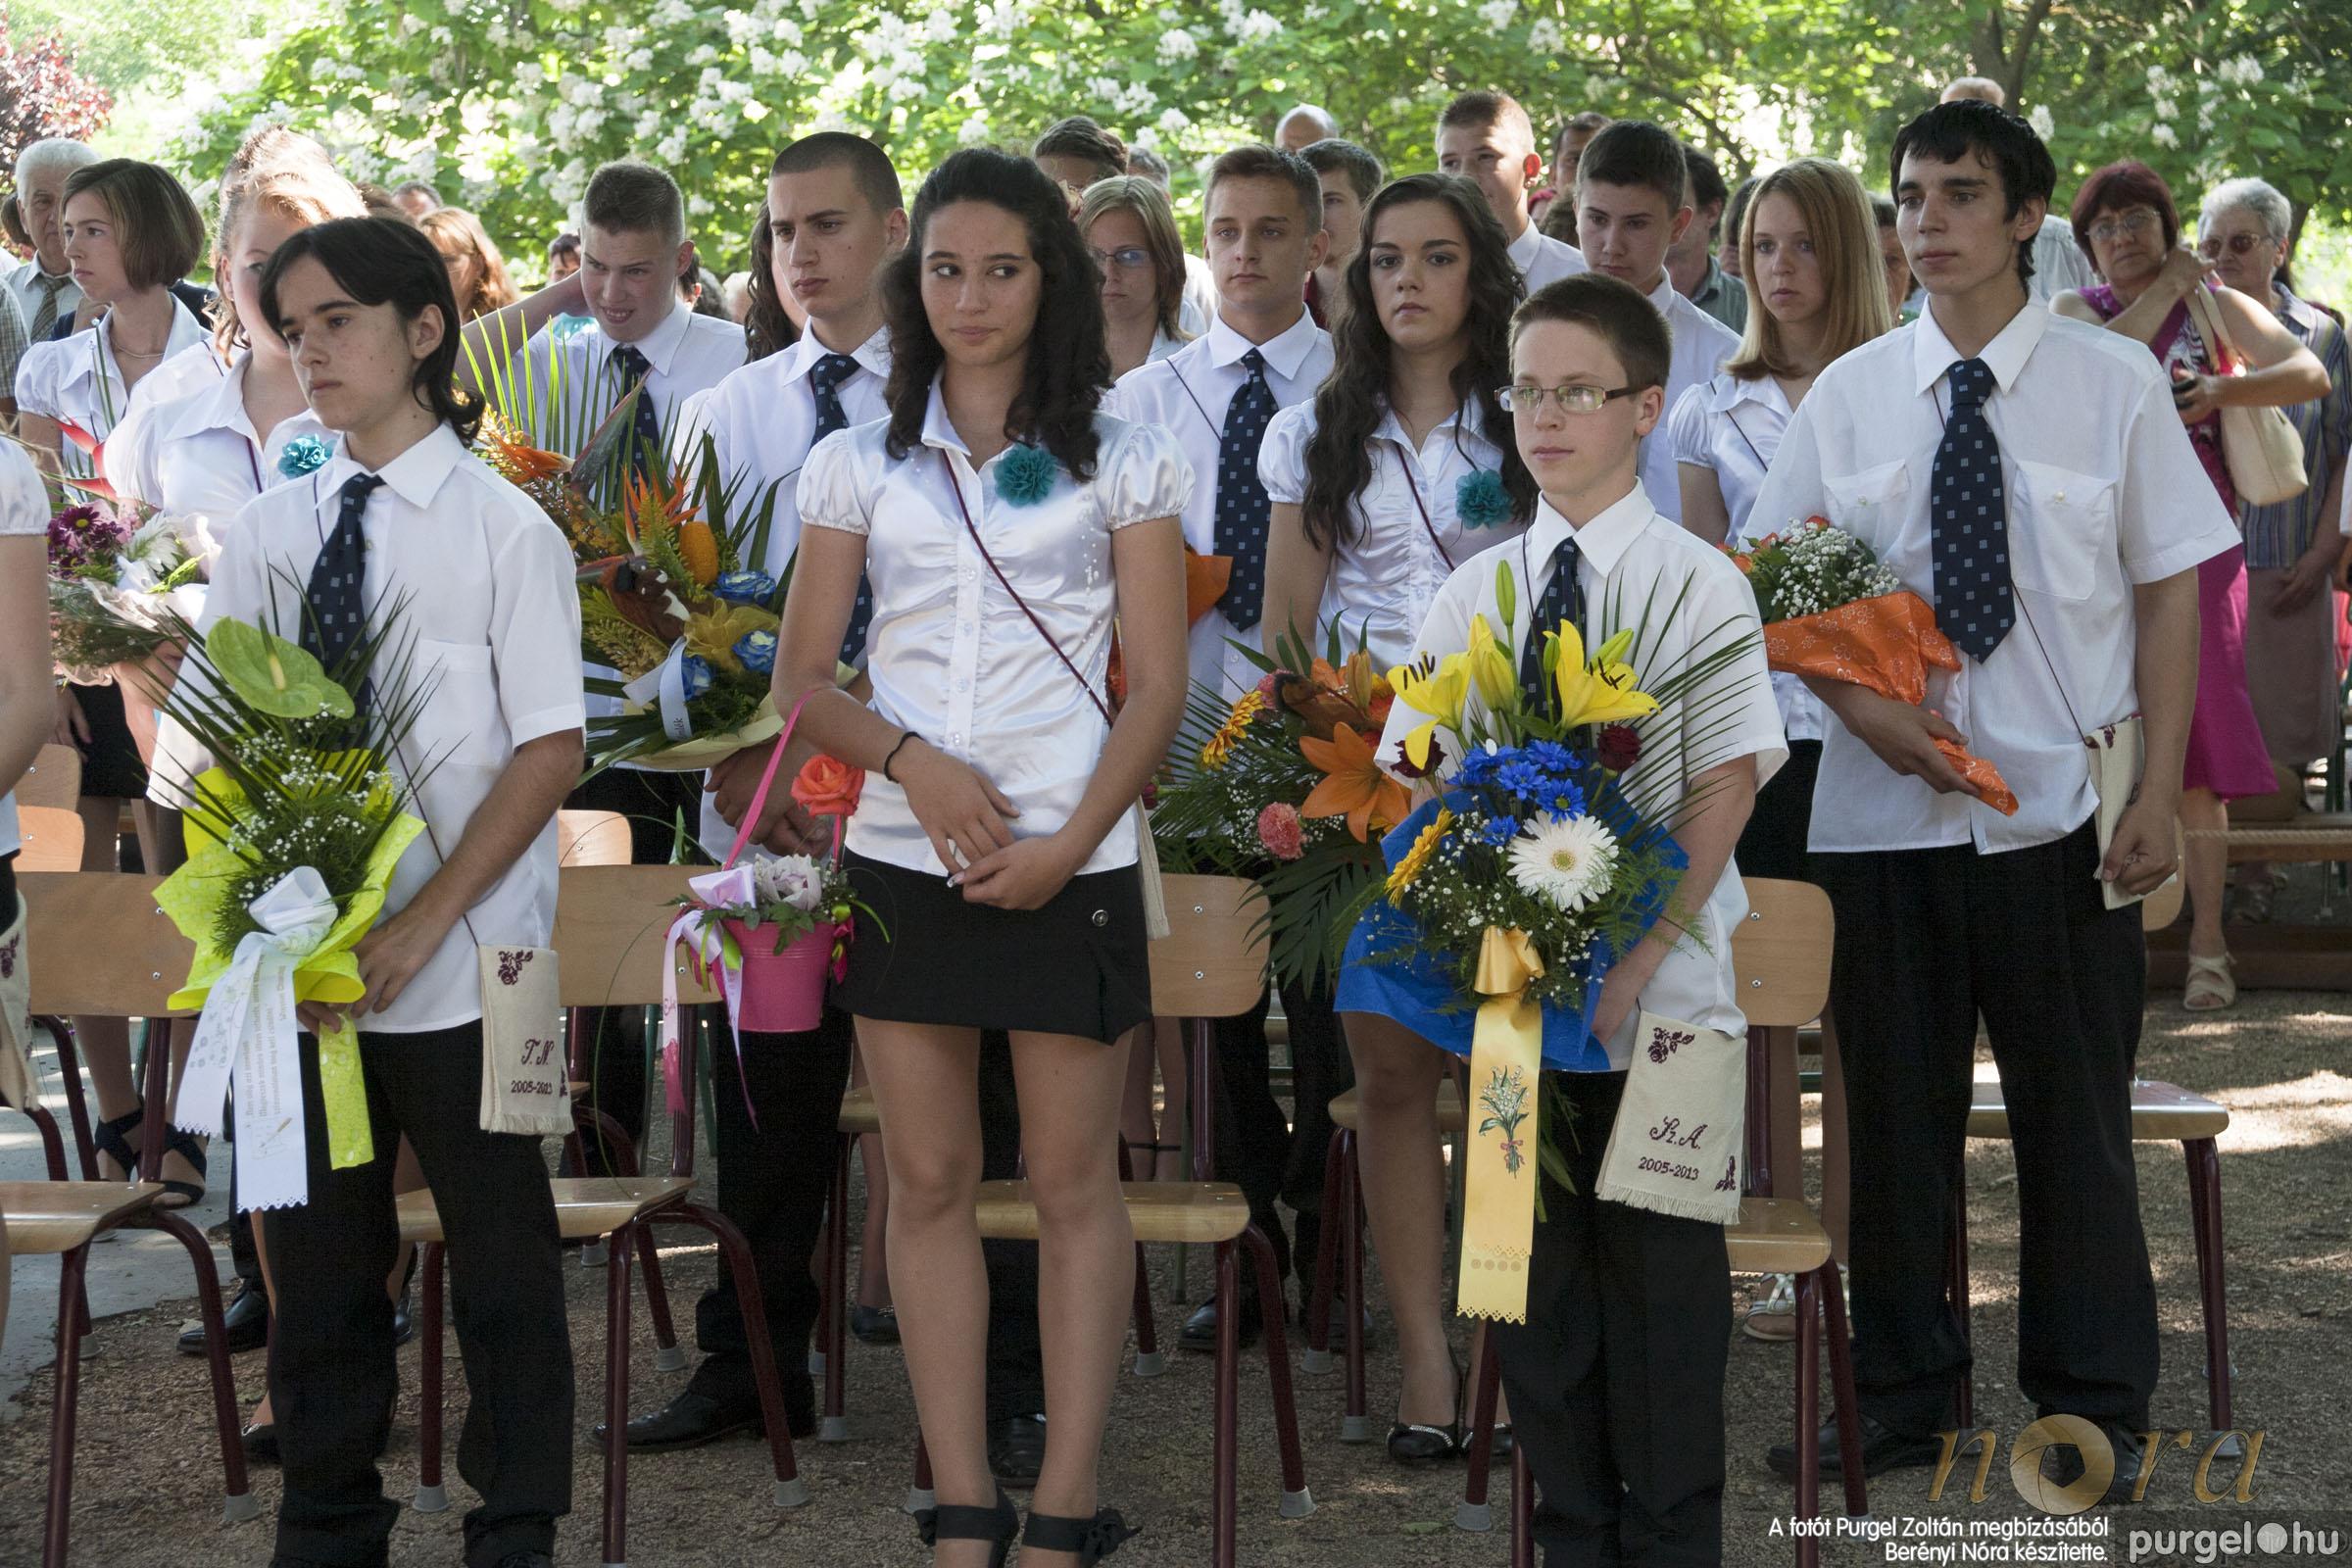 2013.06.15. 168 Forray Máté Általános Iskola ballagás 2013. - Fotó:BERÉNYI NÓRA© _MG_1181.JPG